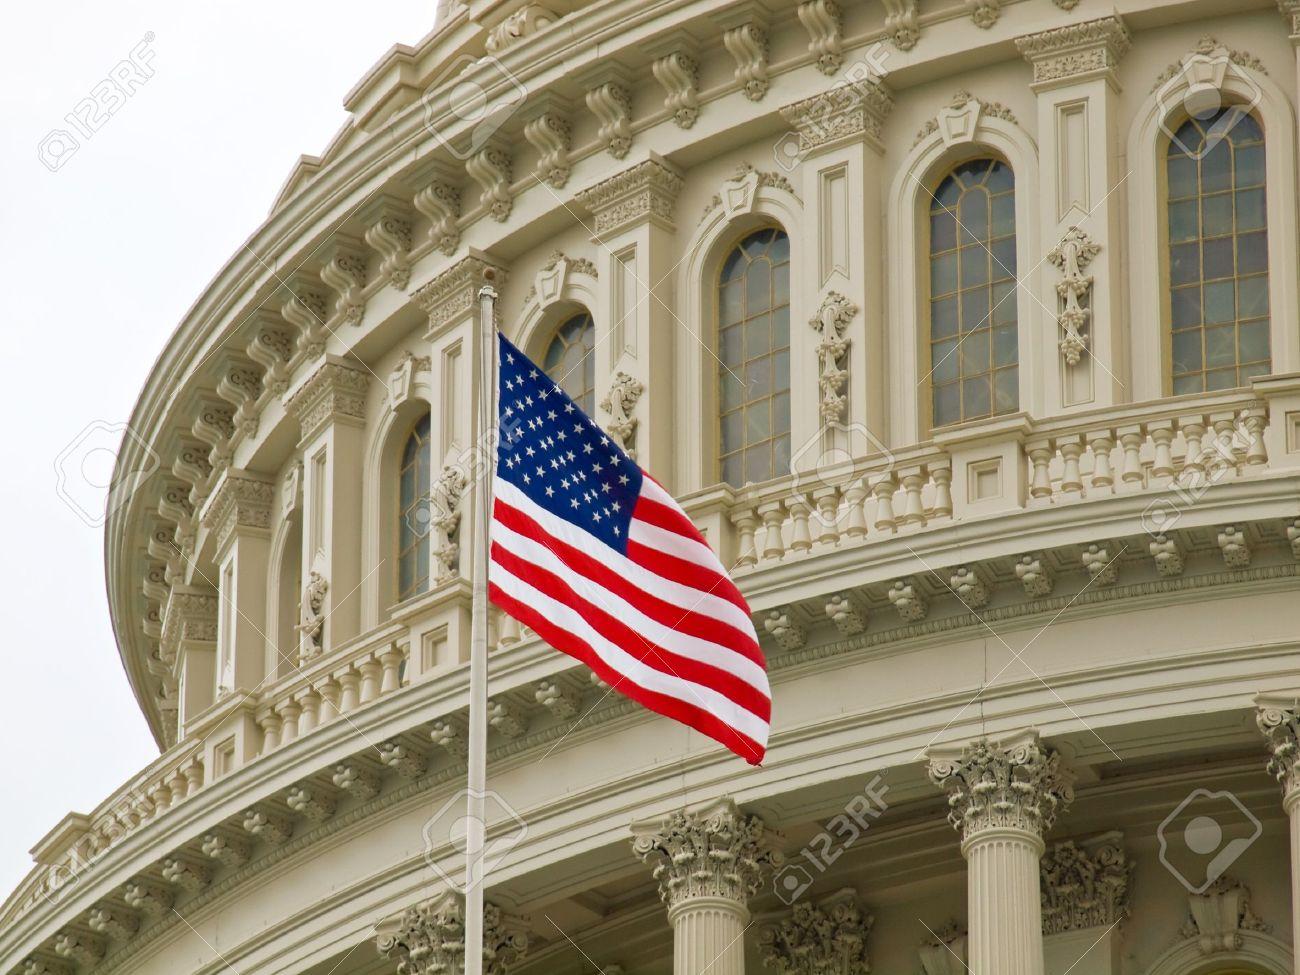 アメリカ合衆国議会議事堂アメリカ国旗とワシントン DC で の写真素材 ...